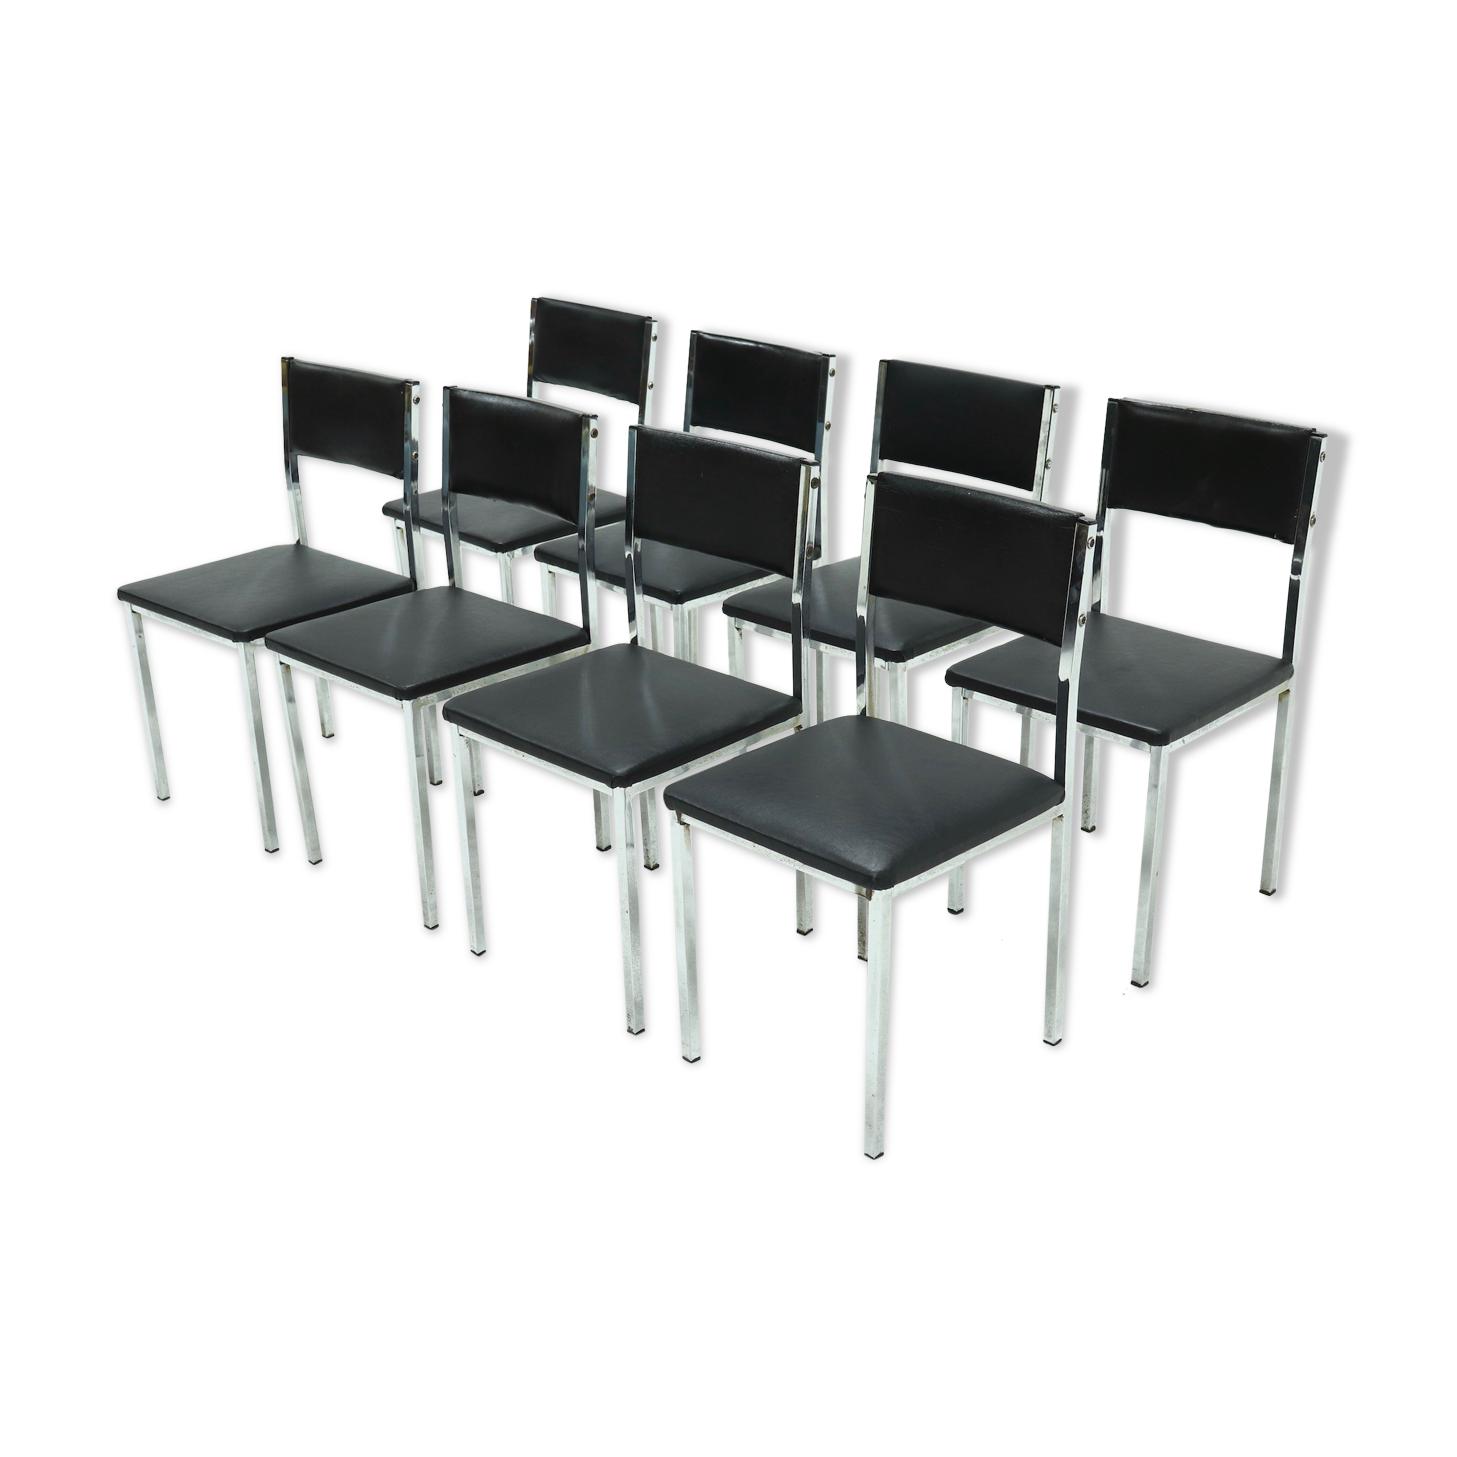 Ensemble de 8 chaises de salle à manger minimalistes en acier chromé des années 1970